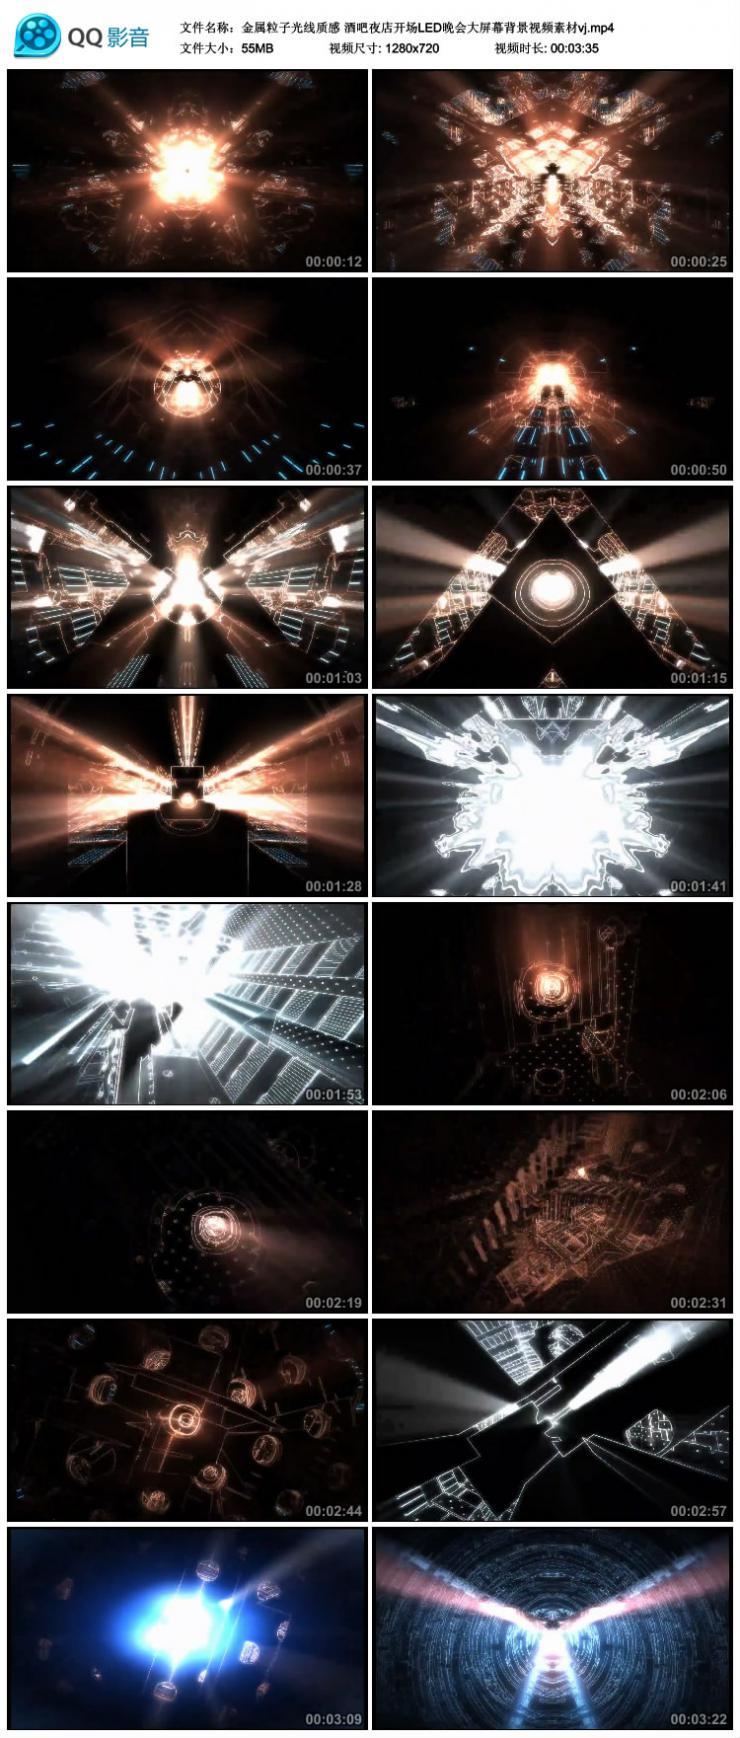 金属粒子光线质感酒吧夜店开场LED晚会大屏幕背景视频素材